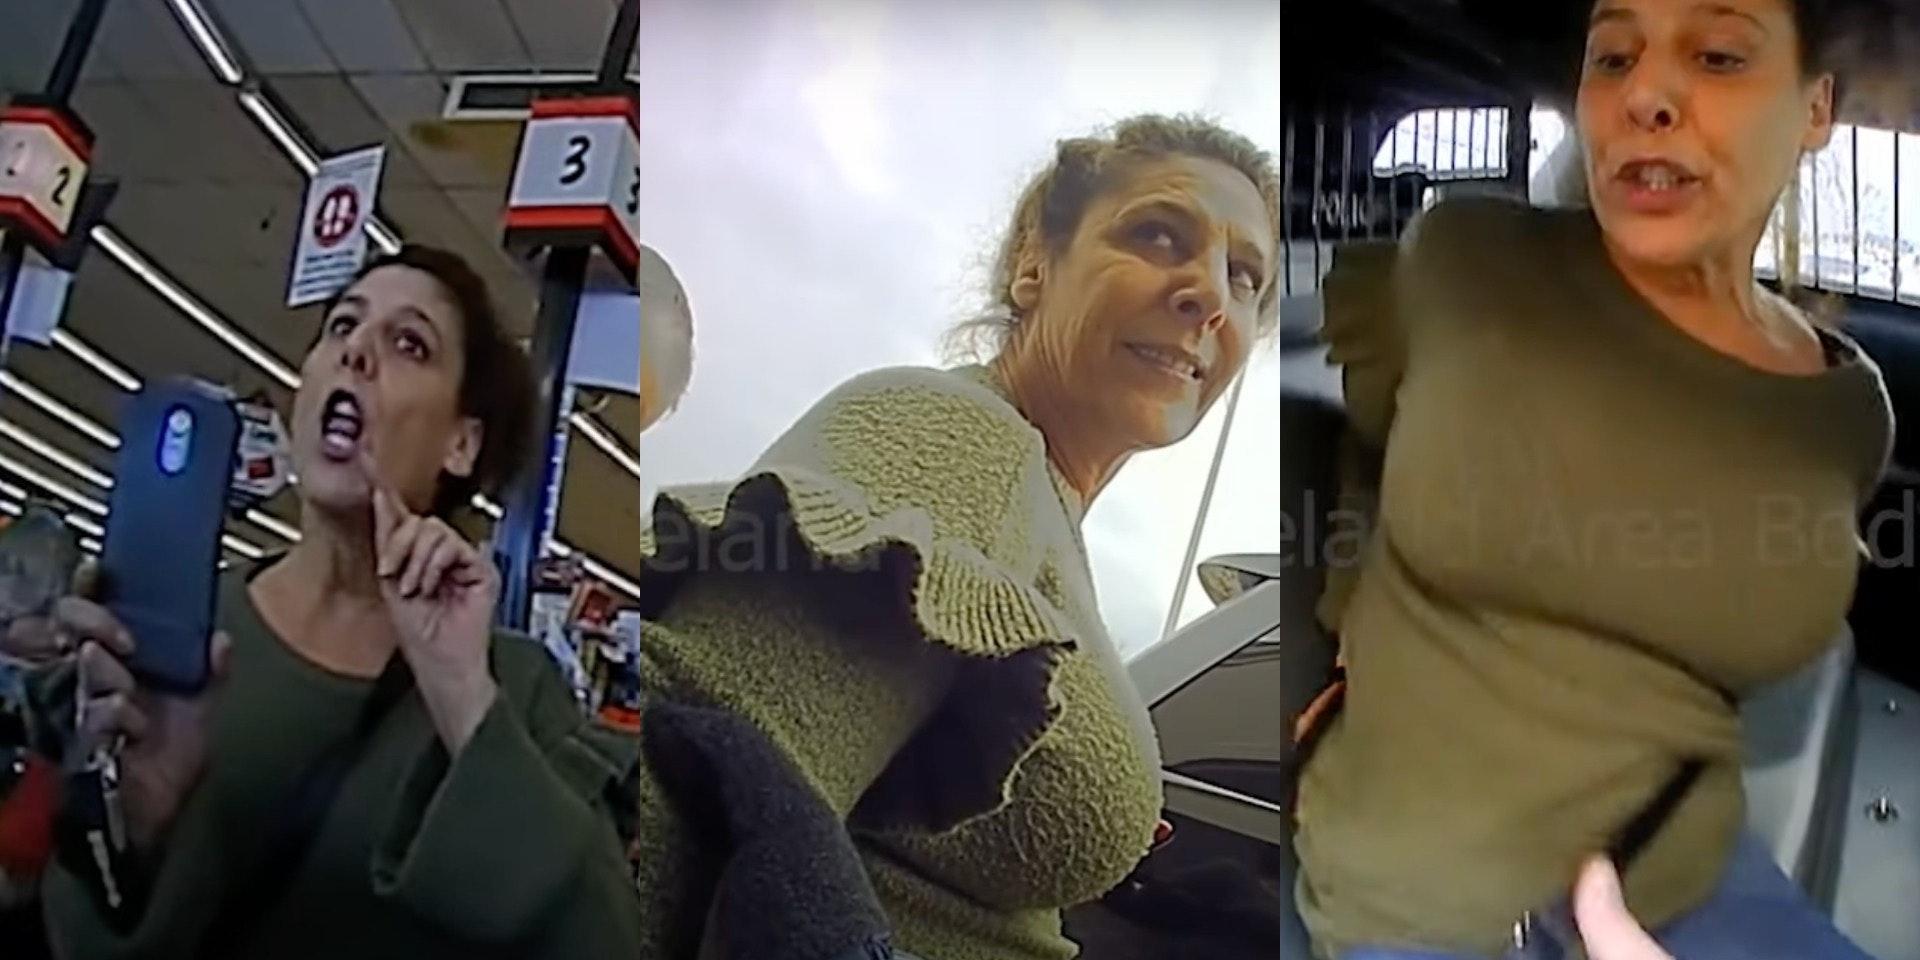 Police arrest actual Karen in Cleveland